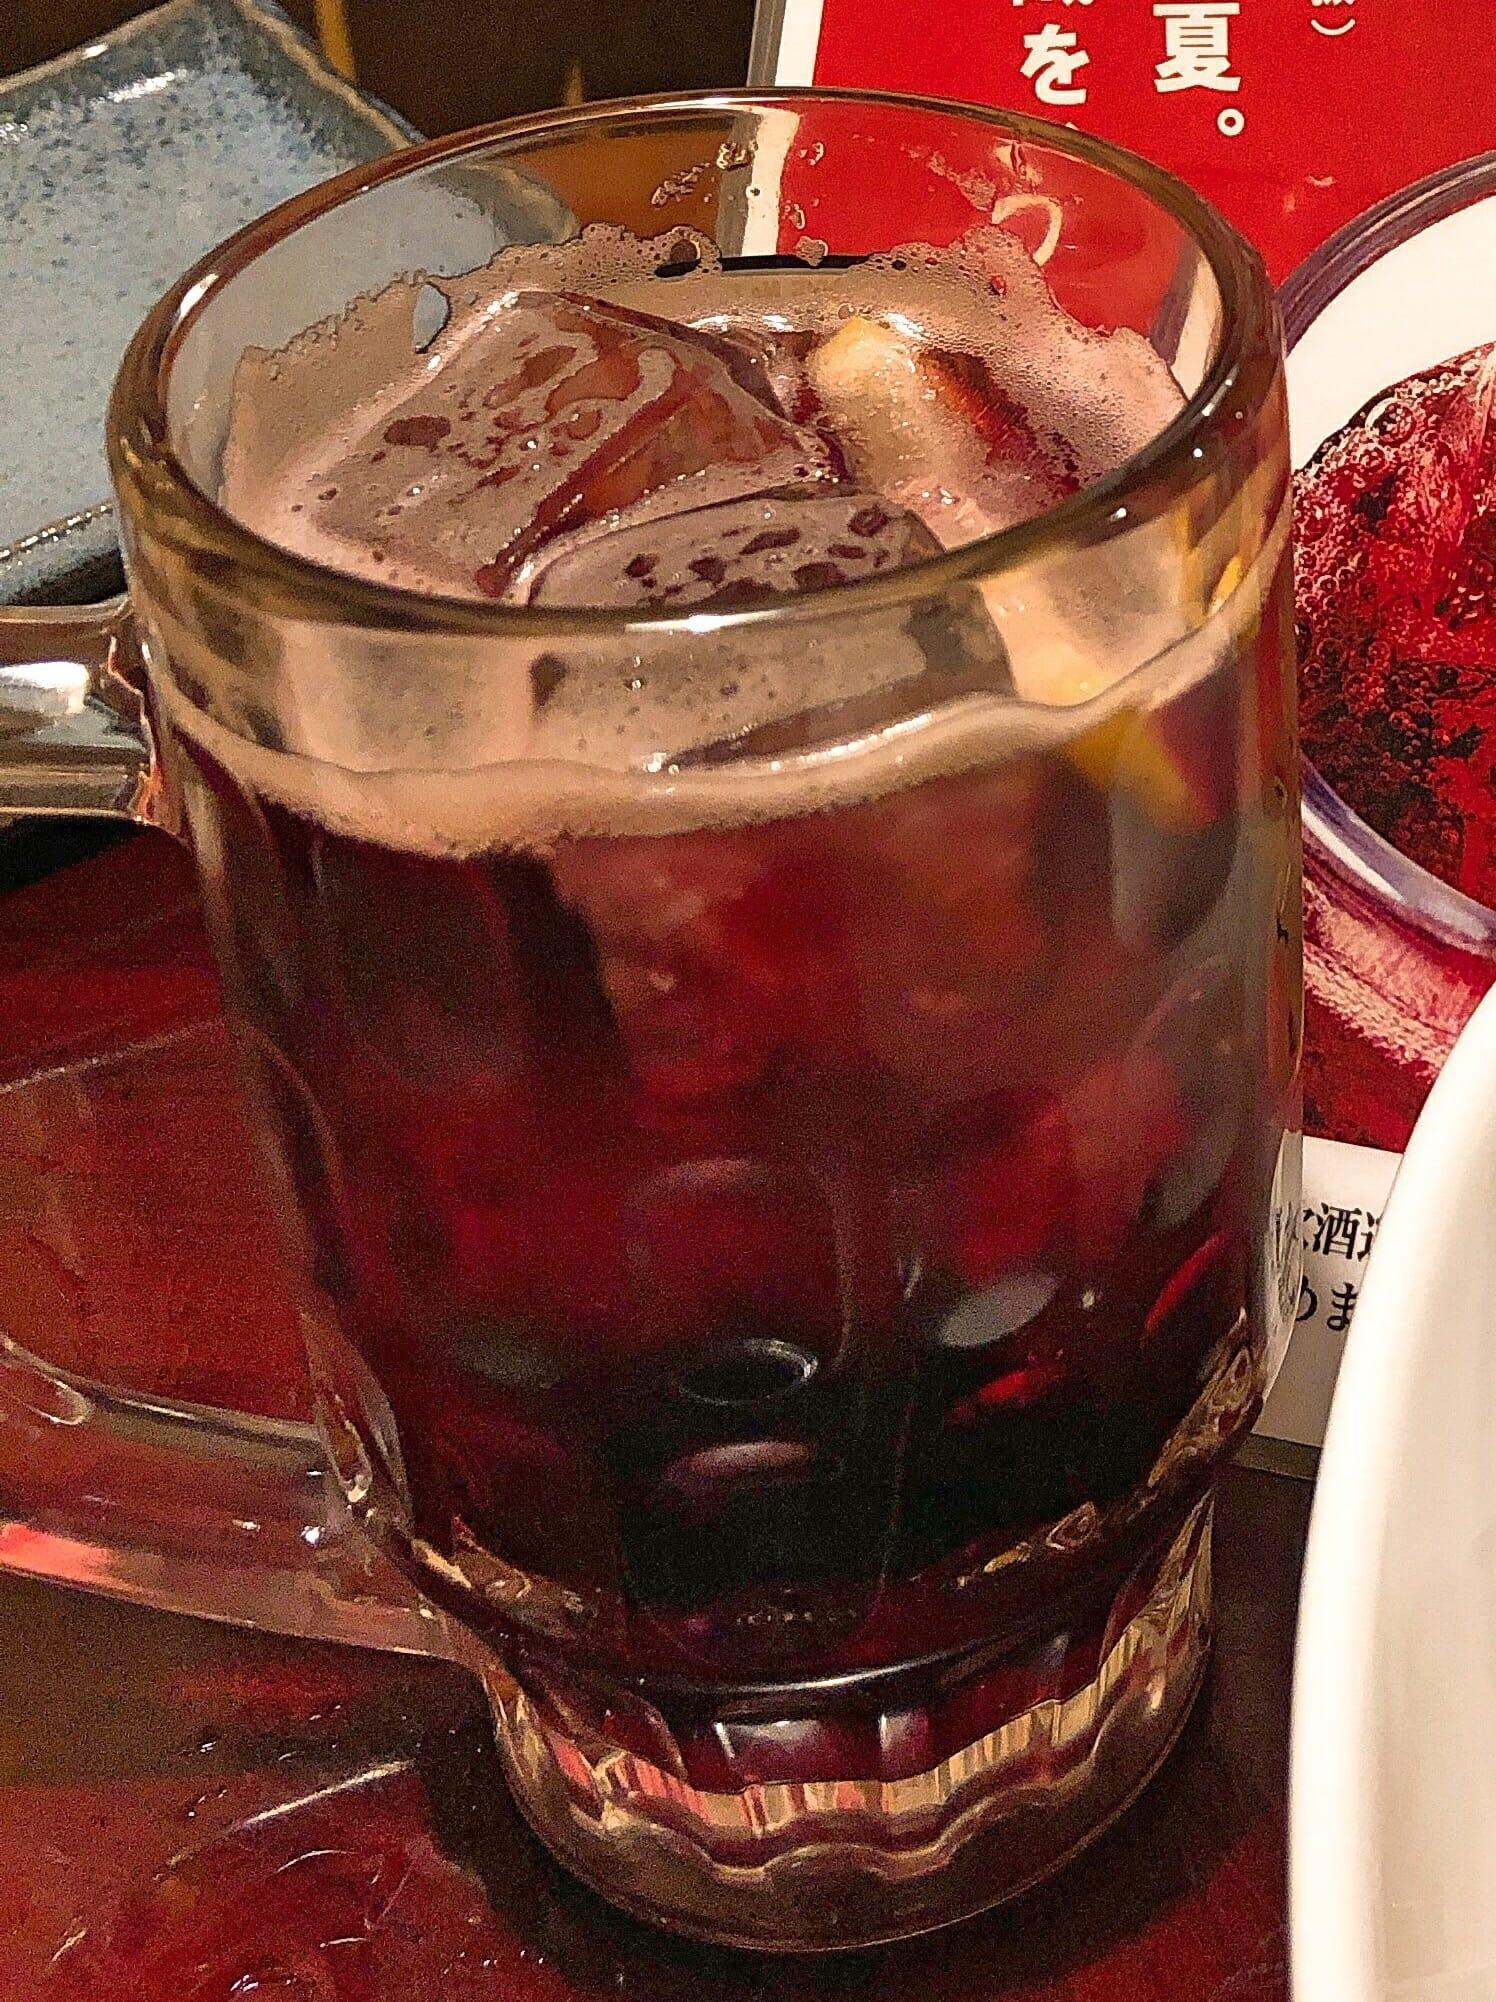 ワインが苦手な人にすすめる、ワインカクテル「赤ハイ」